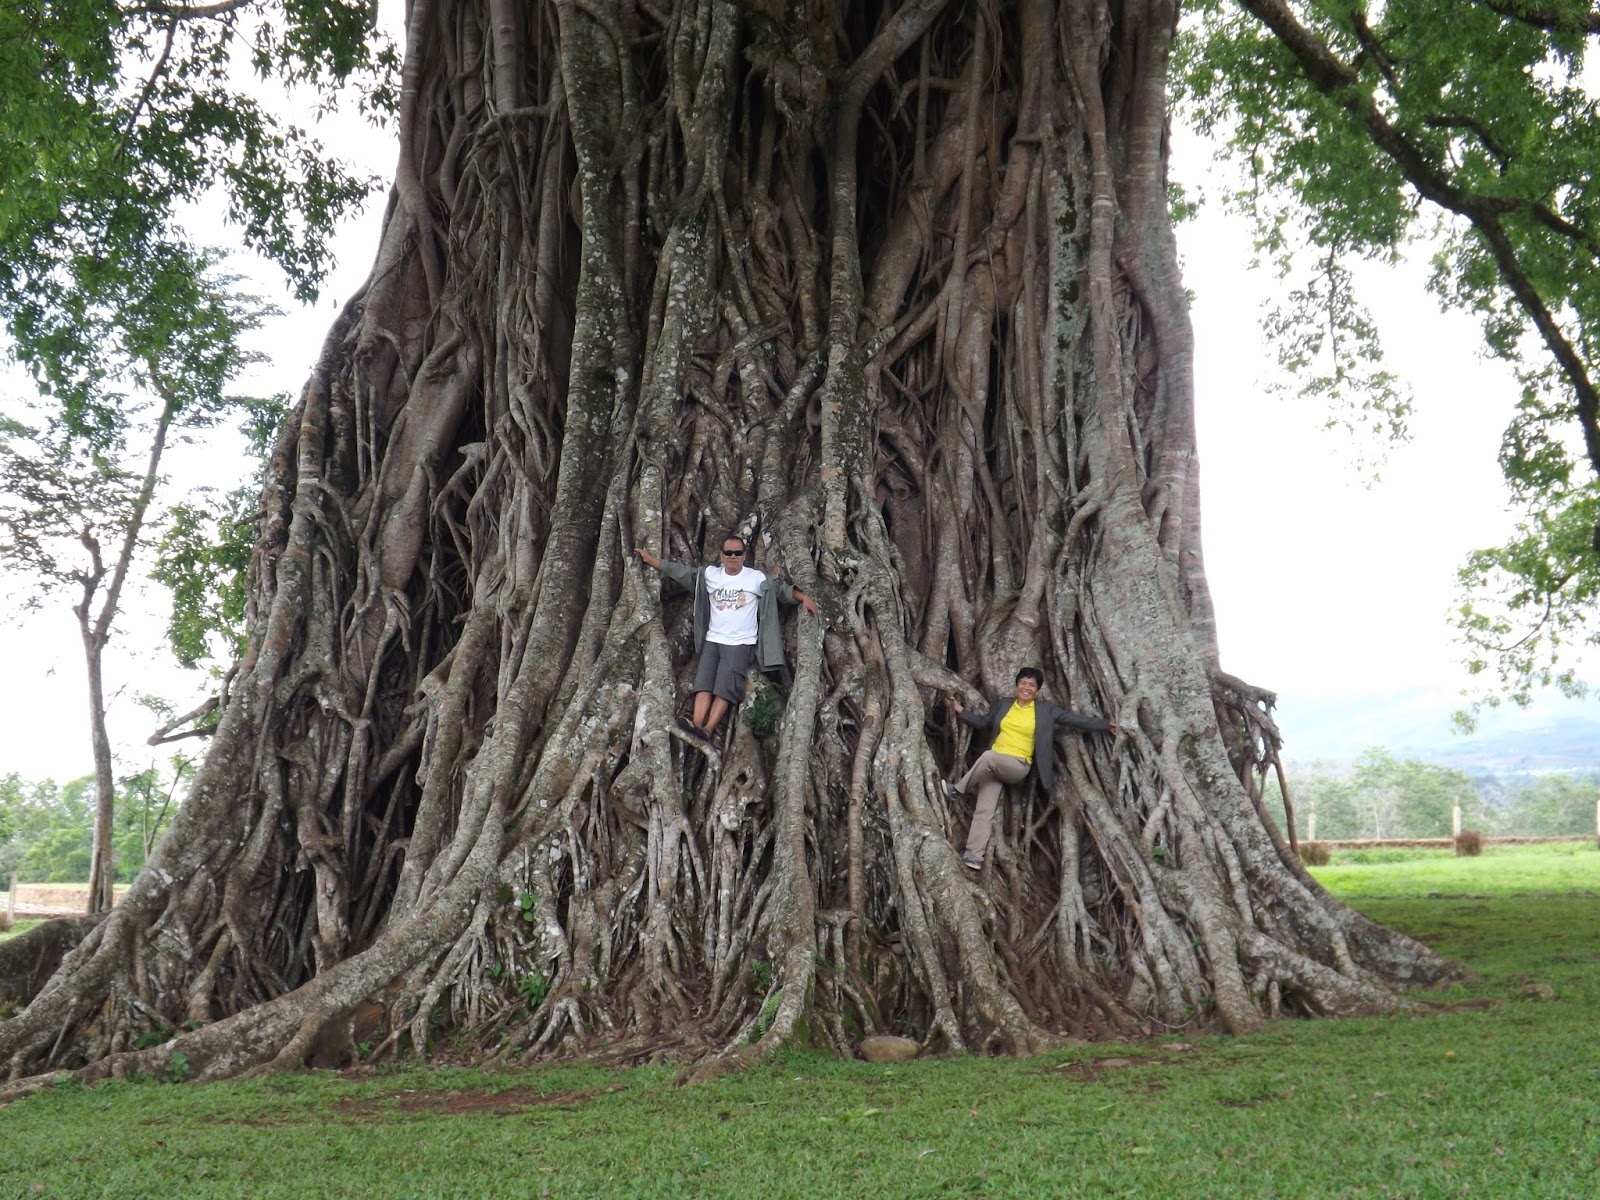 PHILIPPINEN REISEN - ORTE - NEGROS - NEGROS ORIENTAL - Touristische Beschreibung für die Stadt Canlaon